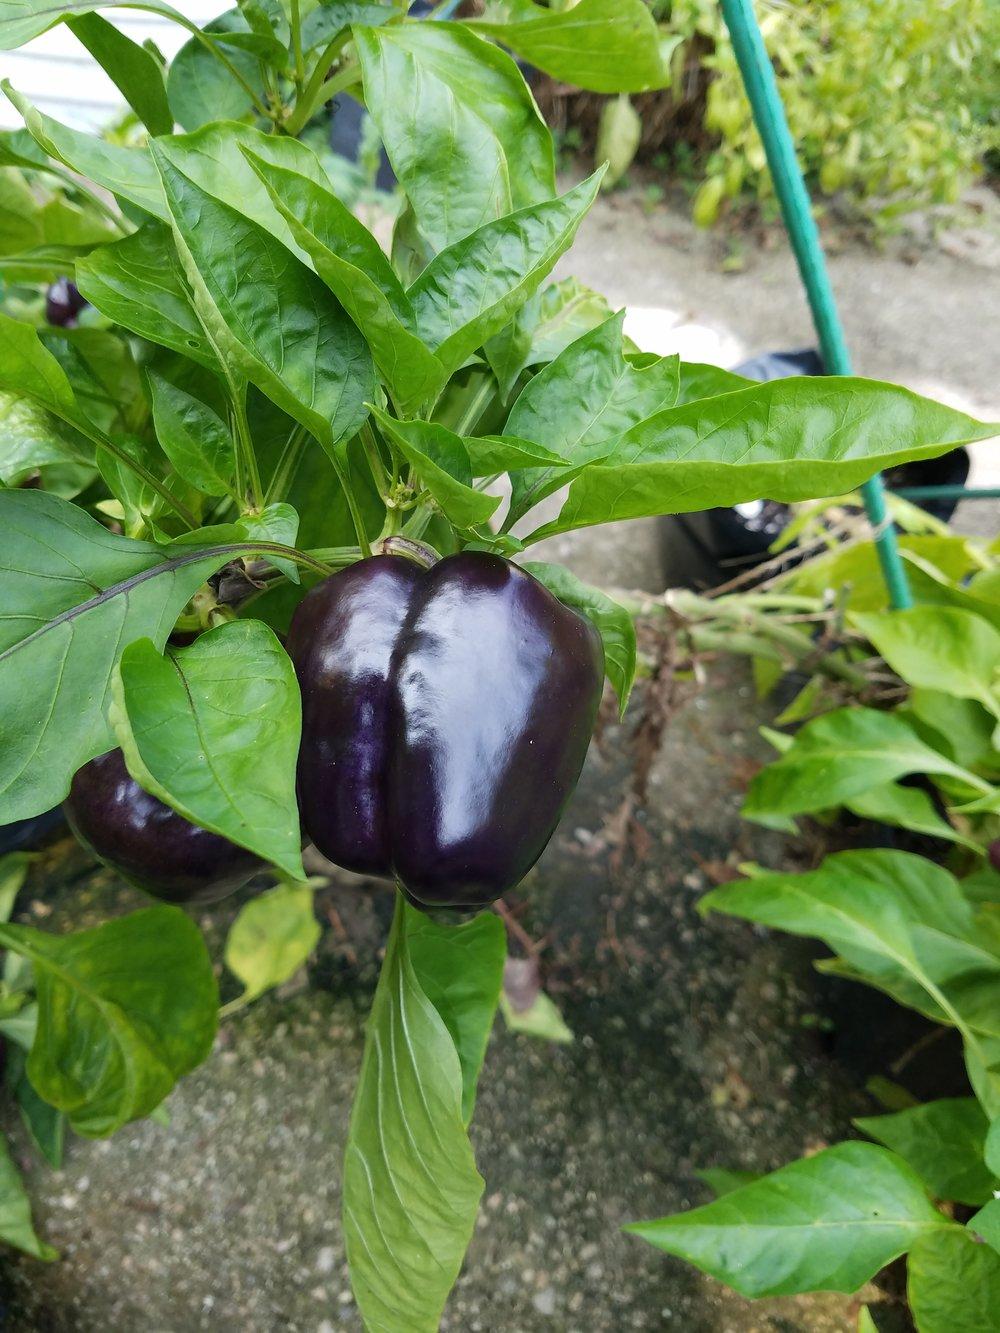 Royal Purple showing it's unripe, dark purple color....it will ripen deep red